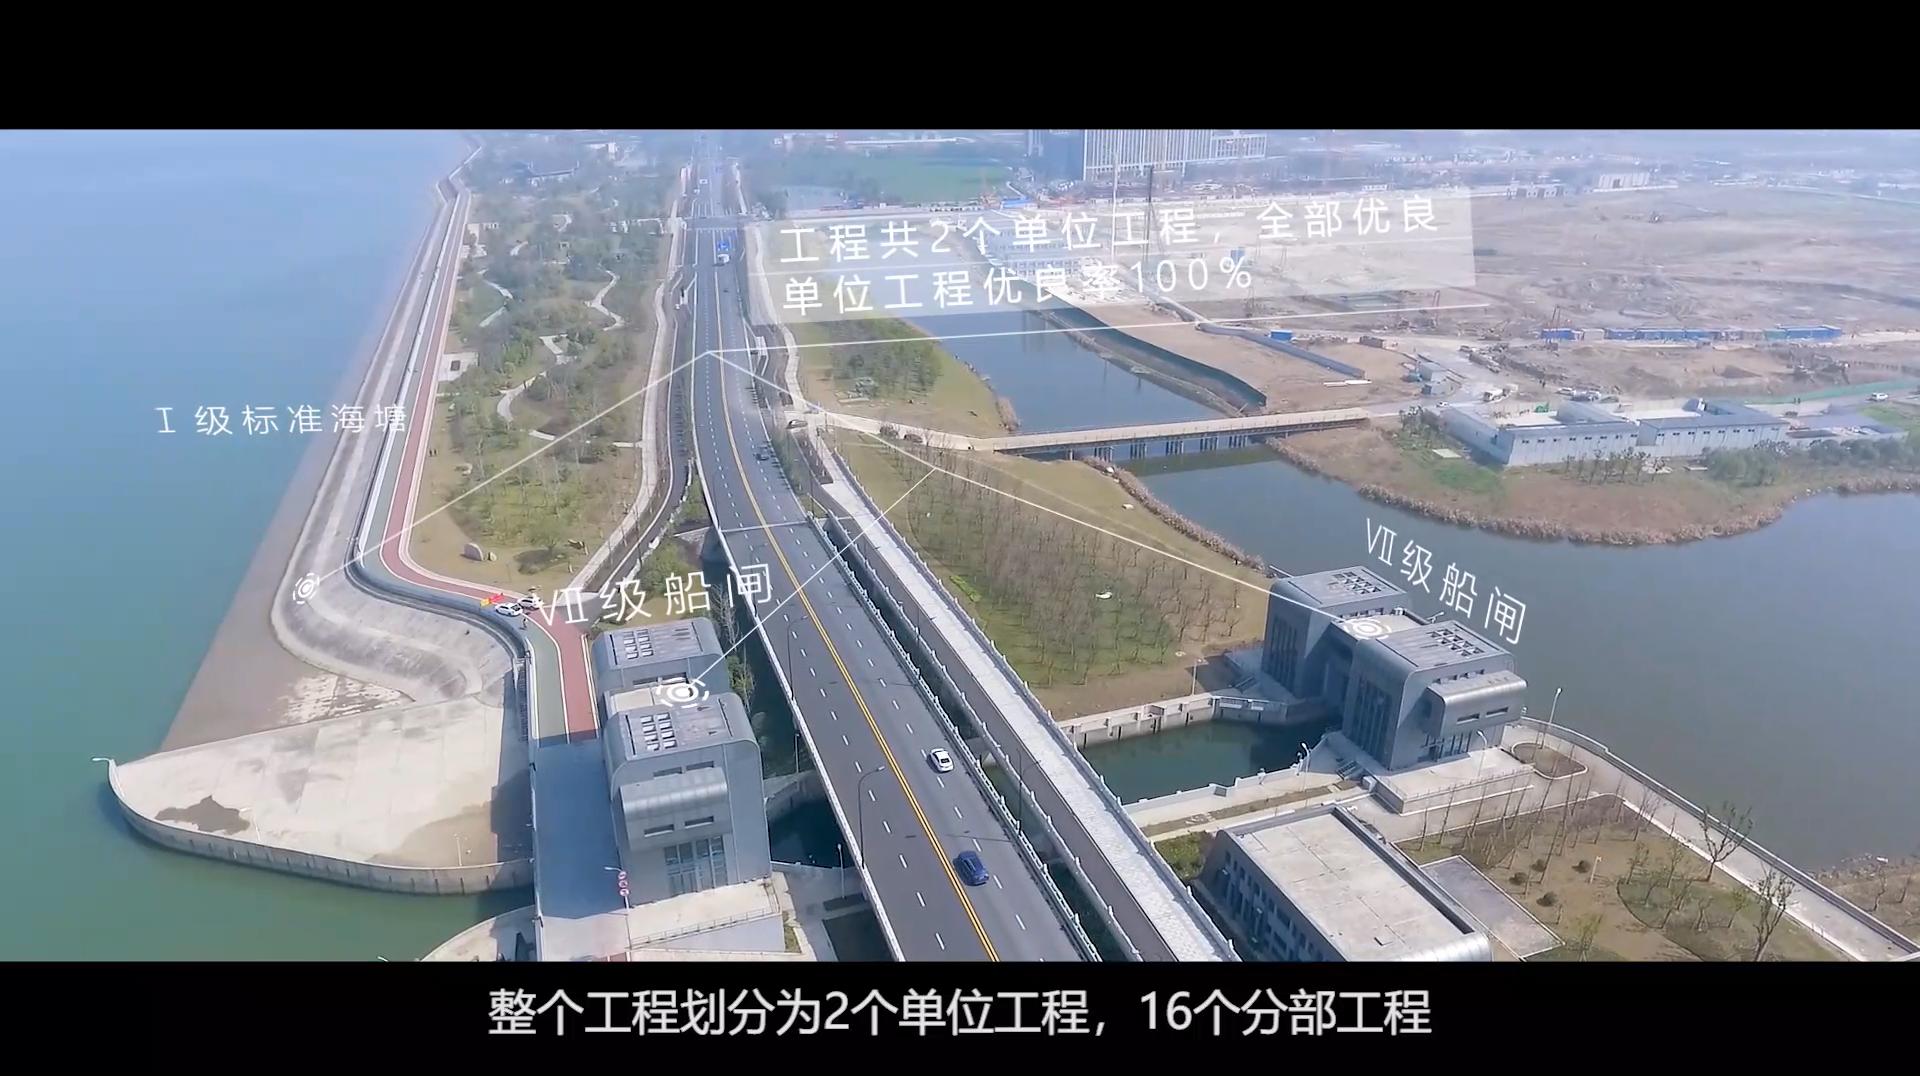 企业宣传片广告创意天猫淘宝产品拍摄剪辑短视频拍摄后期制作